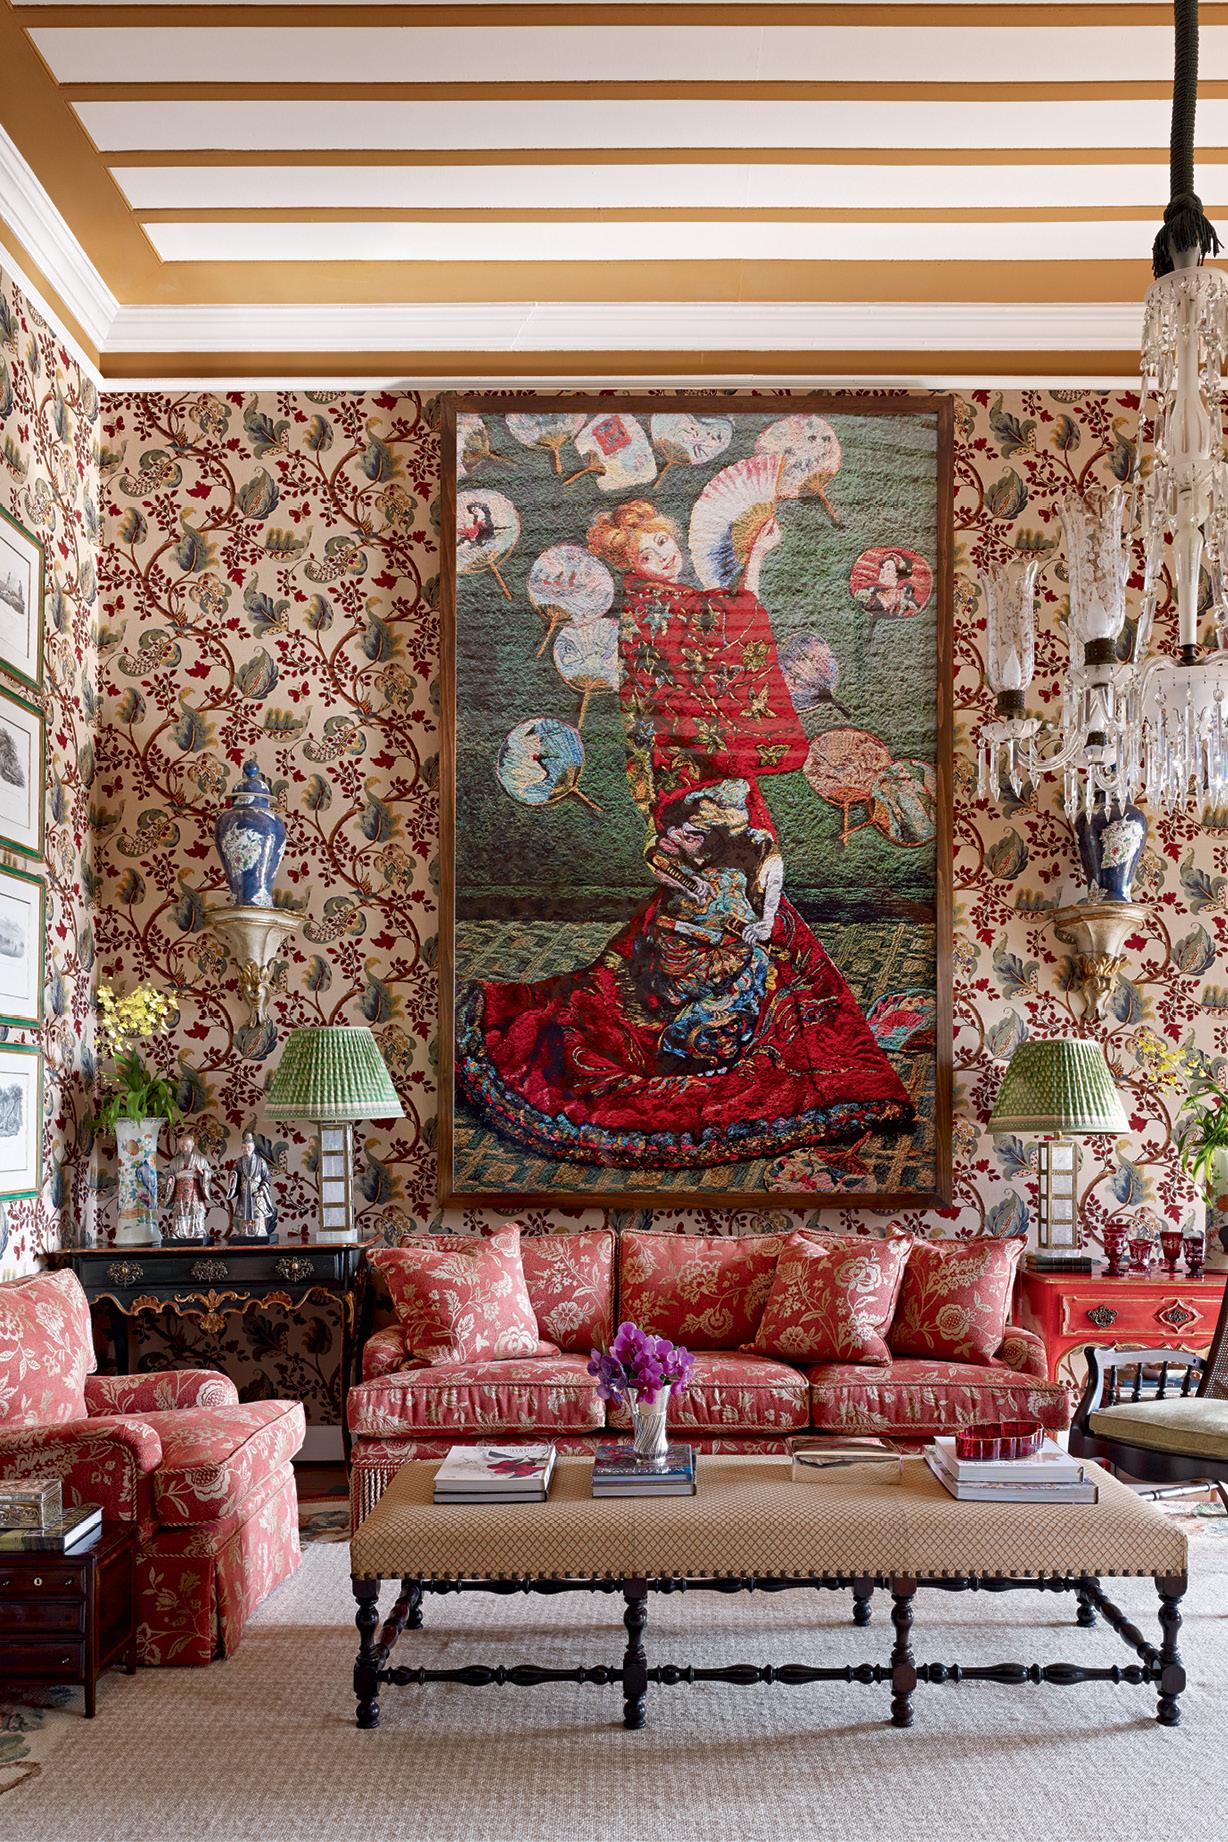 Sala com muitos itens antigos misturados a estampas e objetos modernos